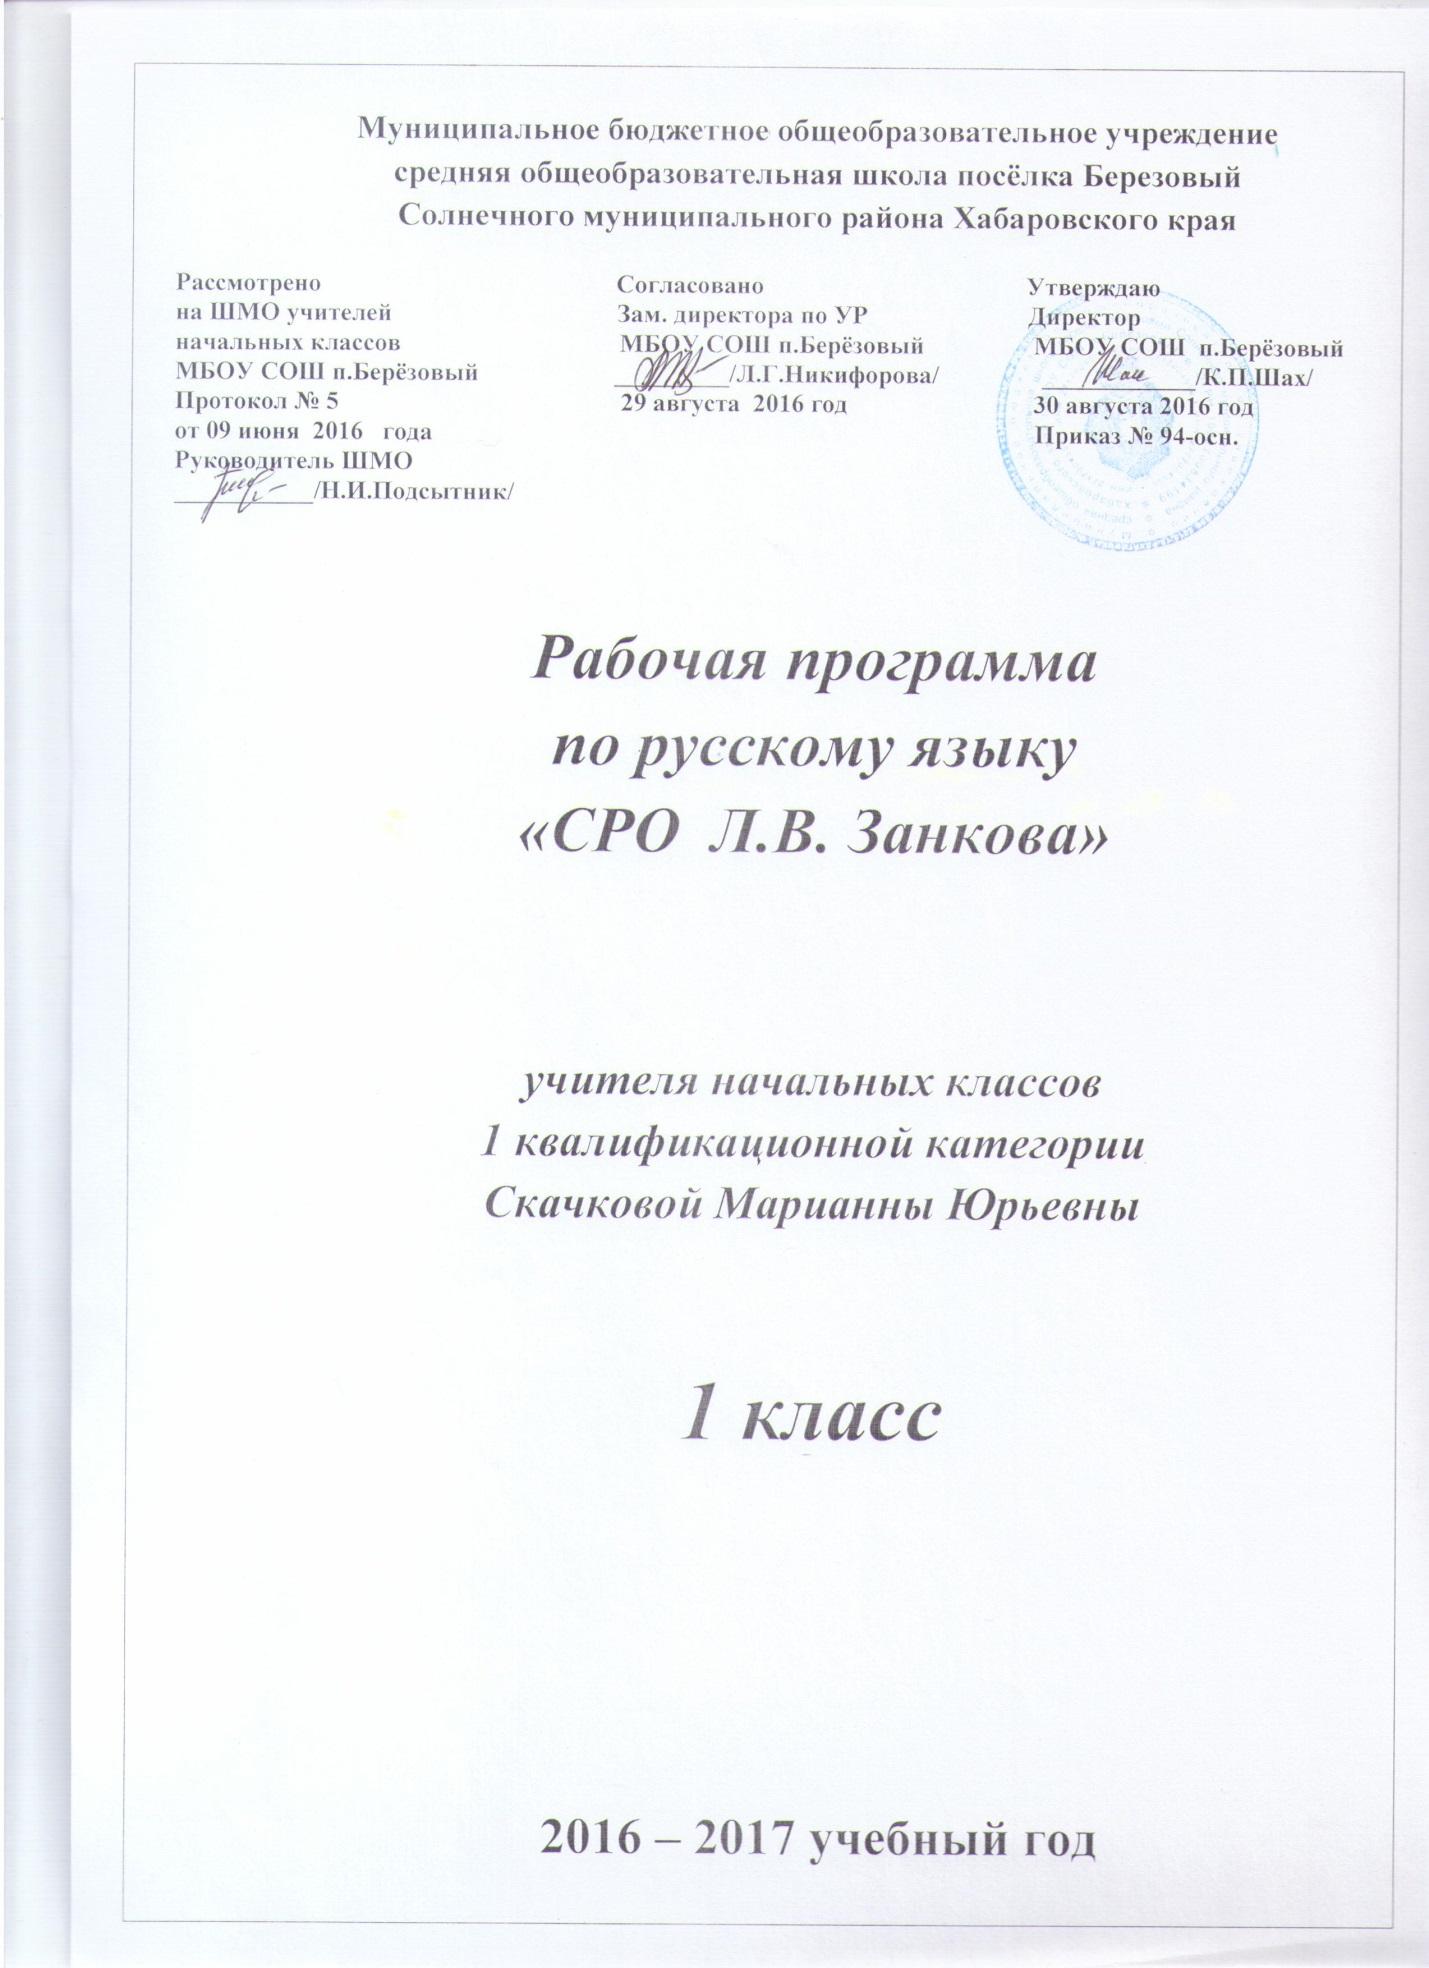 Клипы программа занковского 3 класс русс.яз а.в полякова